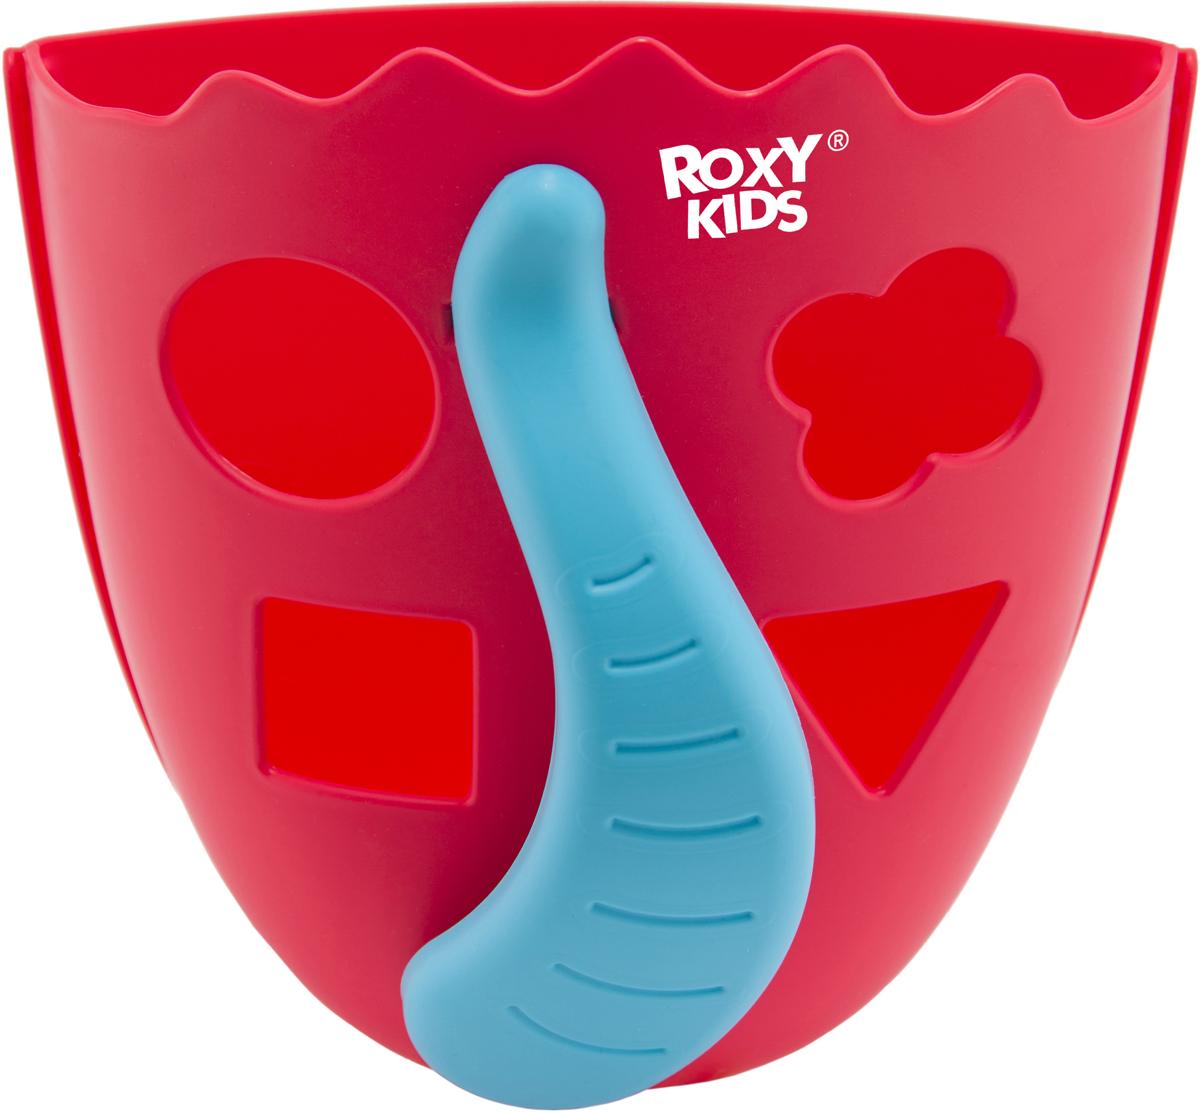 Roxy-kids Органайзер для игрушек Dino цвет коралловый синий -  Все для купания